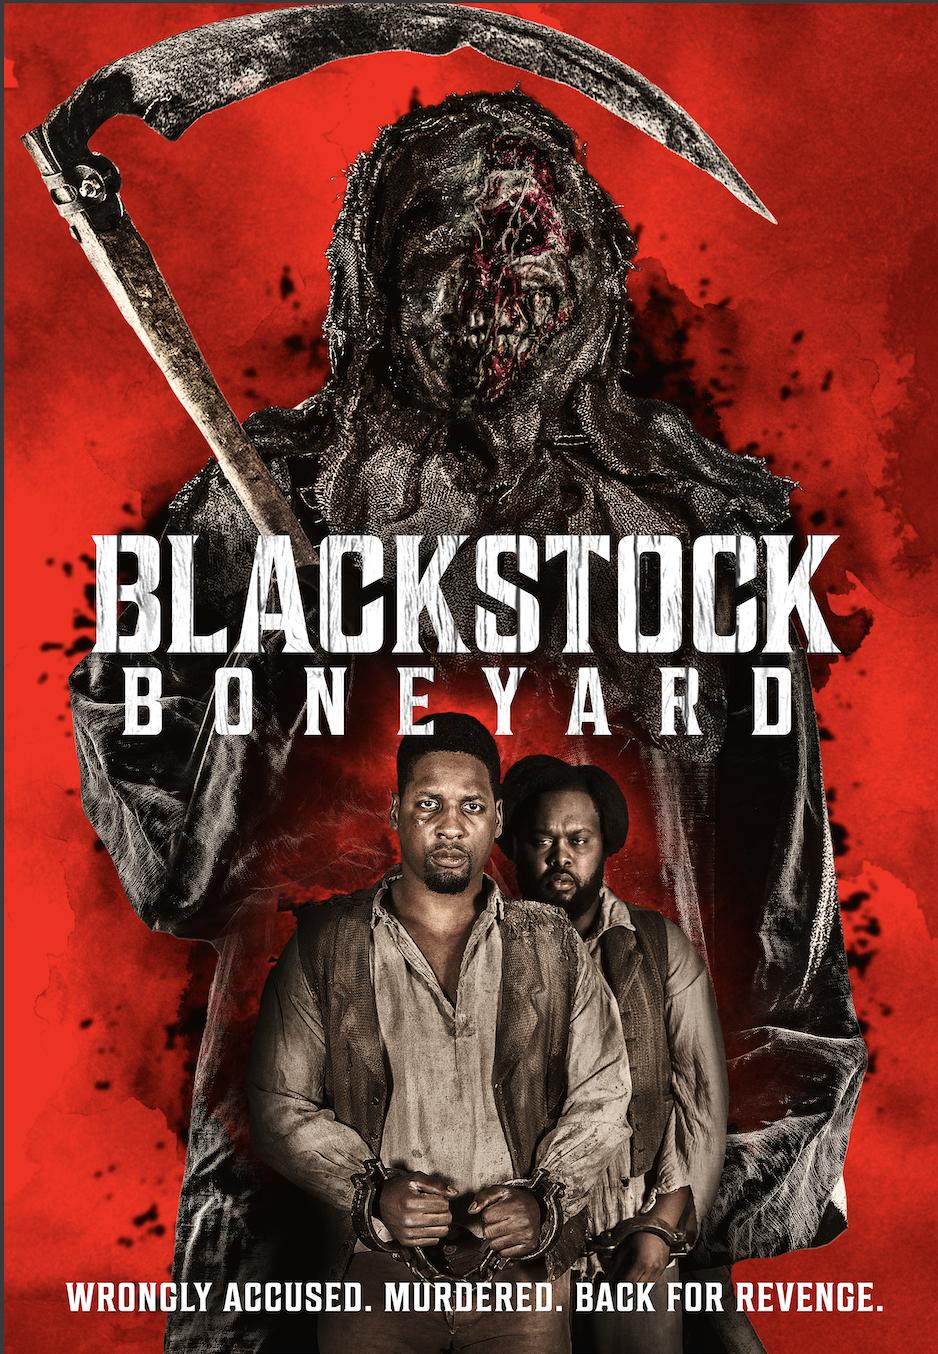 Blackstock Boneyard 2021 English 480p HDRip 250MB Download